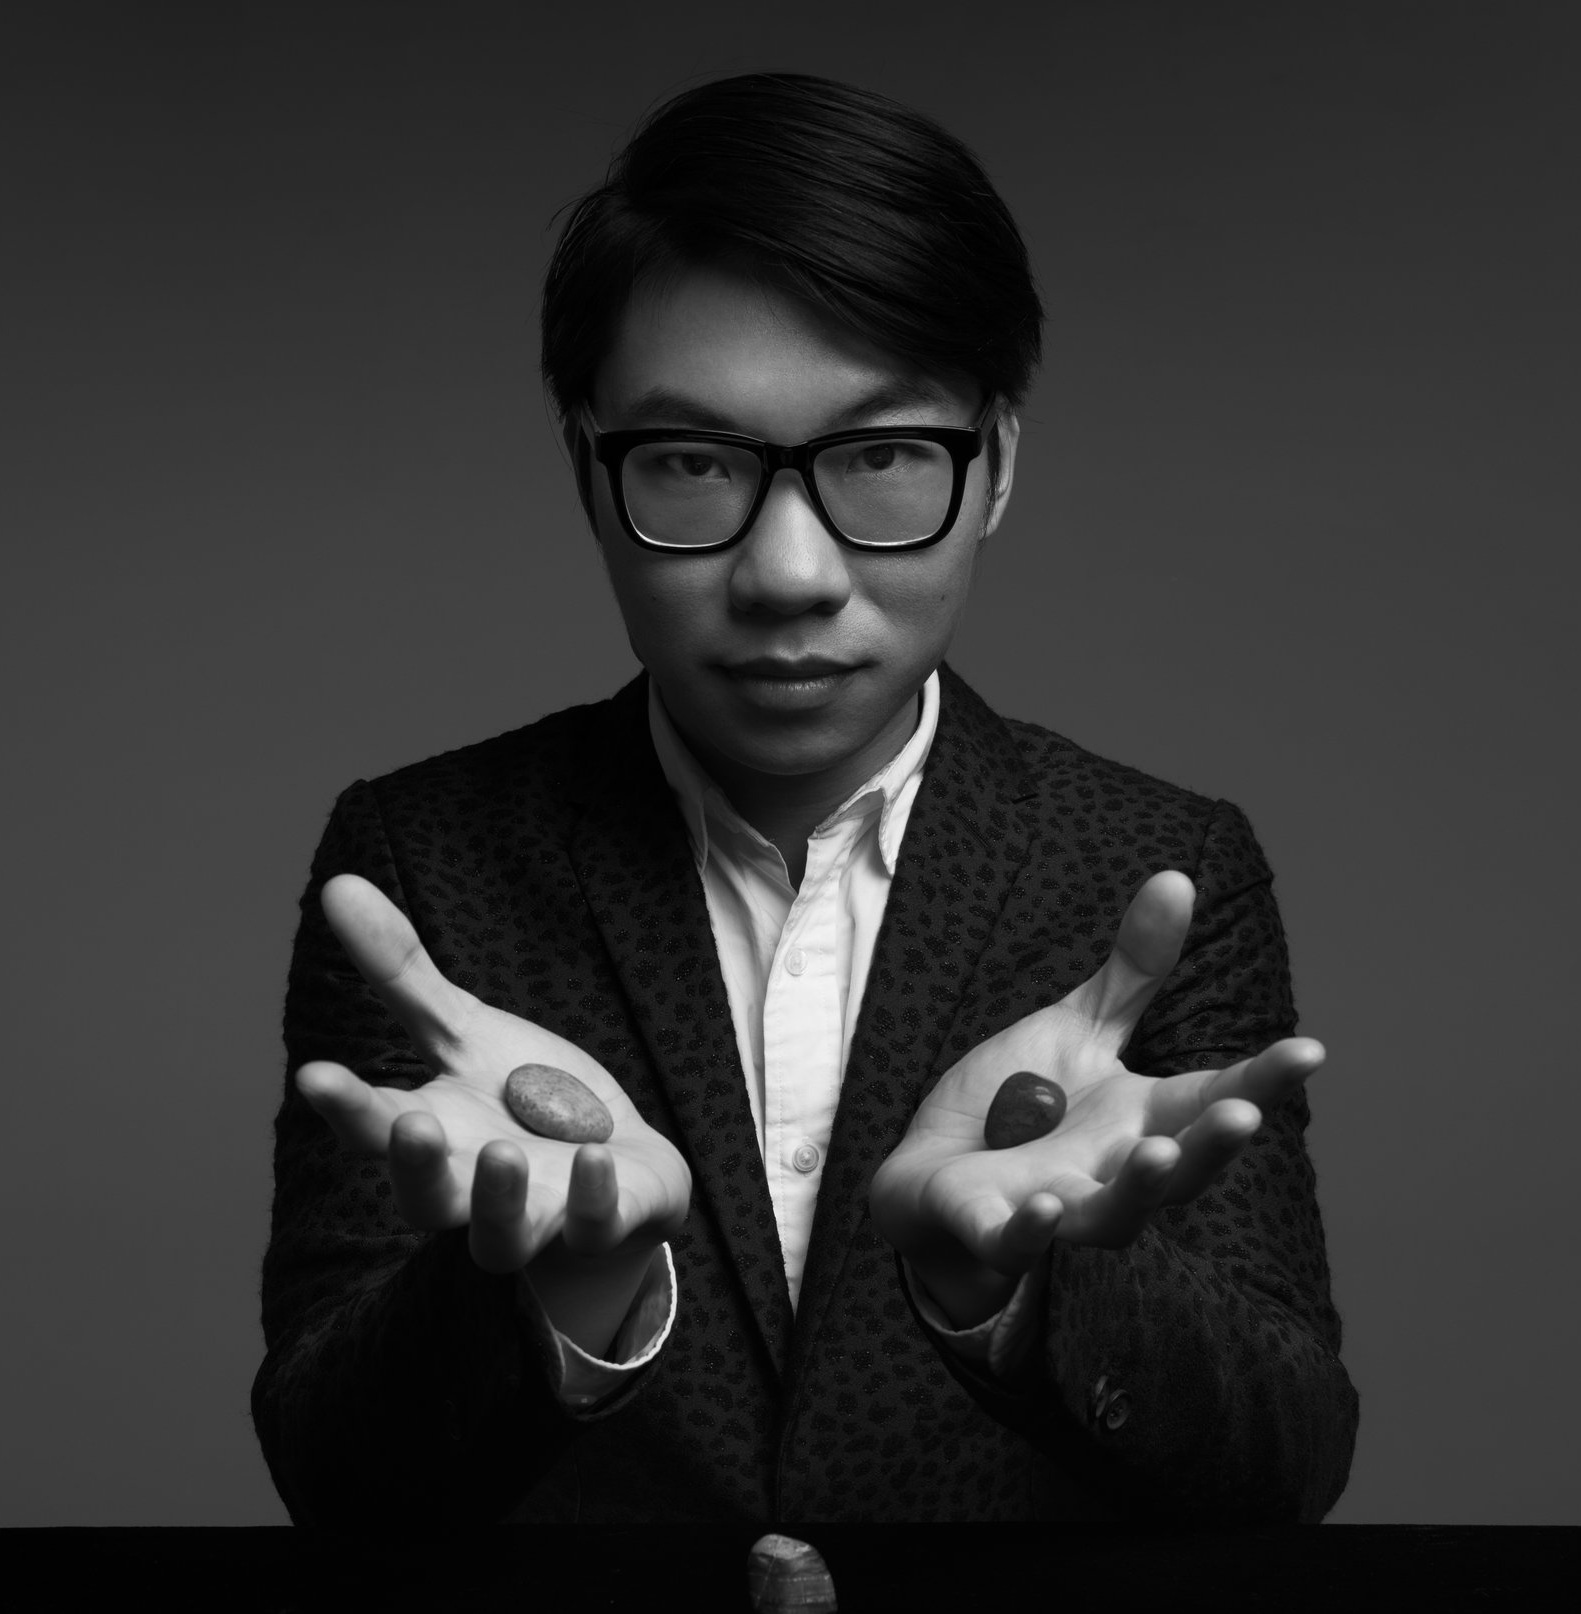 """郭汛杰修读于广东外语外贸大学英语系,擅长于近距离魔术,喜剧类型魔术路线。刘谦曾在《金牌魔术团》节目中大赞""""最高悟性魔术师"""",受到圈内魔术师""""千年难得一遇怪才""""""""魔术表演天才""""的一致评价。  A graduate of the Guangdong University of Foreign Studies, Jay Kwok is best known for his close-up and comedy magic shows. Liu Qian called him """"the most brilliant magician """" in """" Who is the No.1 """" , a magic talent show presented by Hunan Television. He is known as one of the top magicians in China by his peers."""